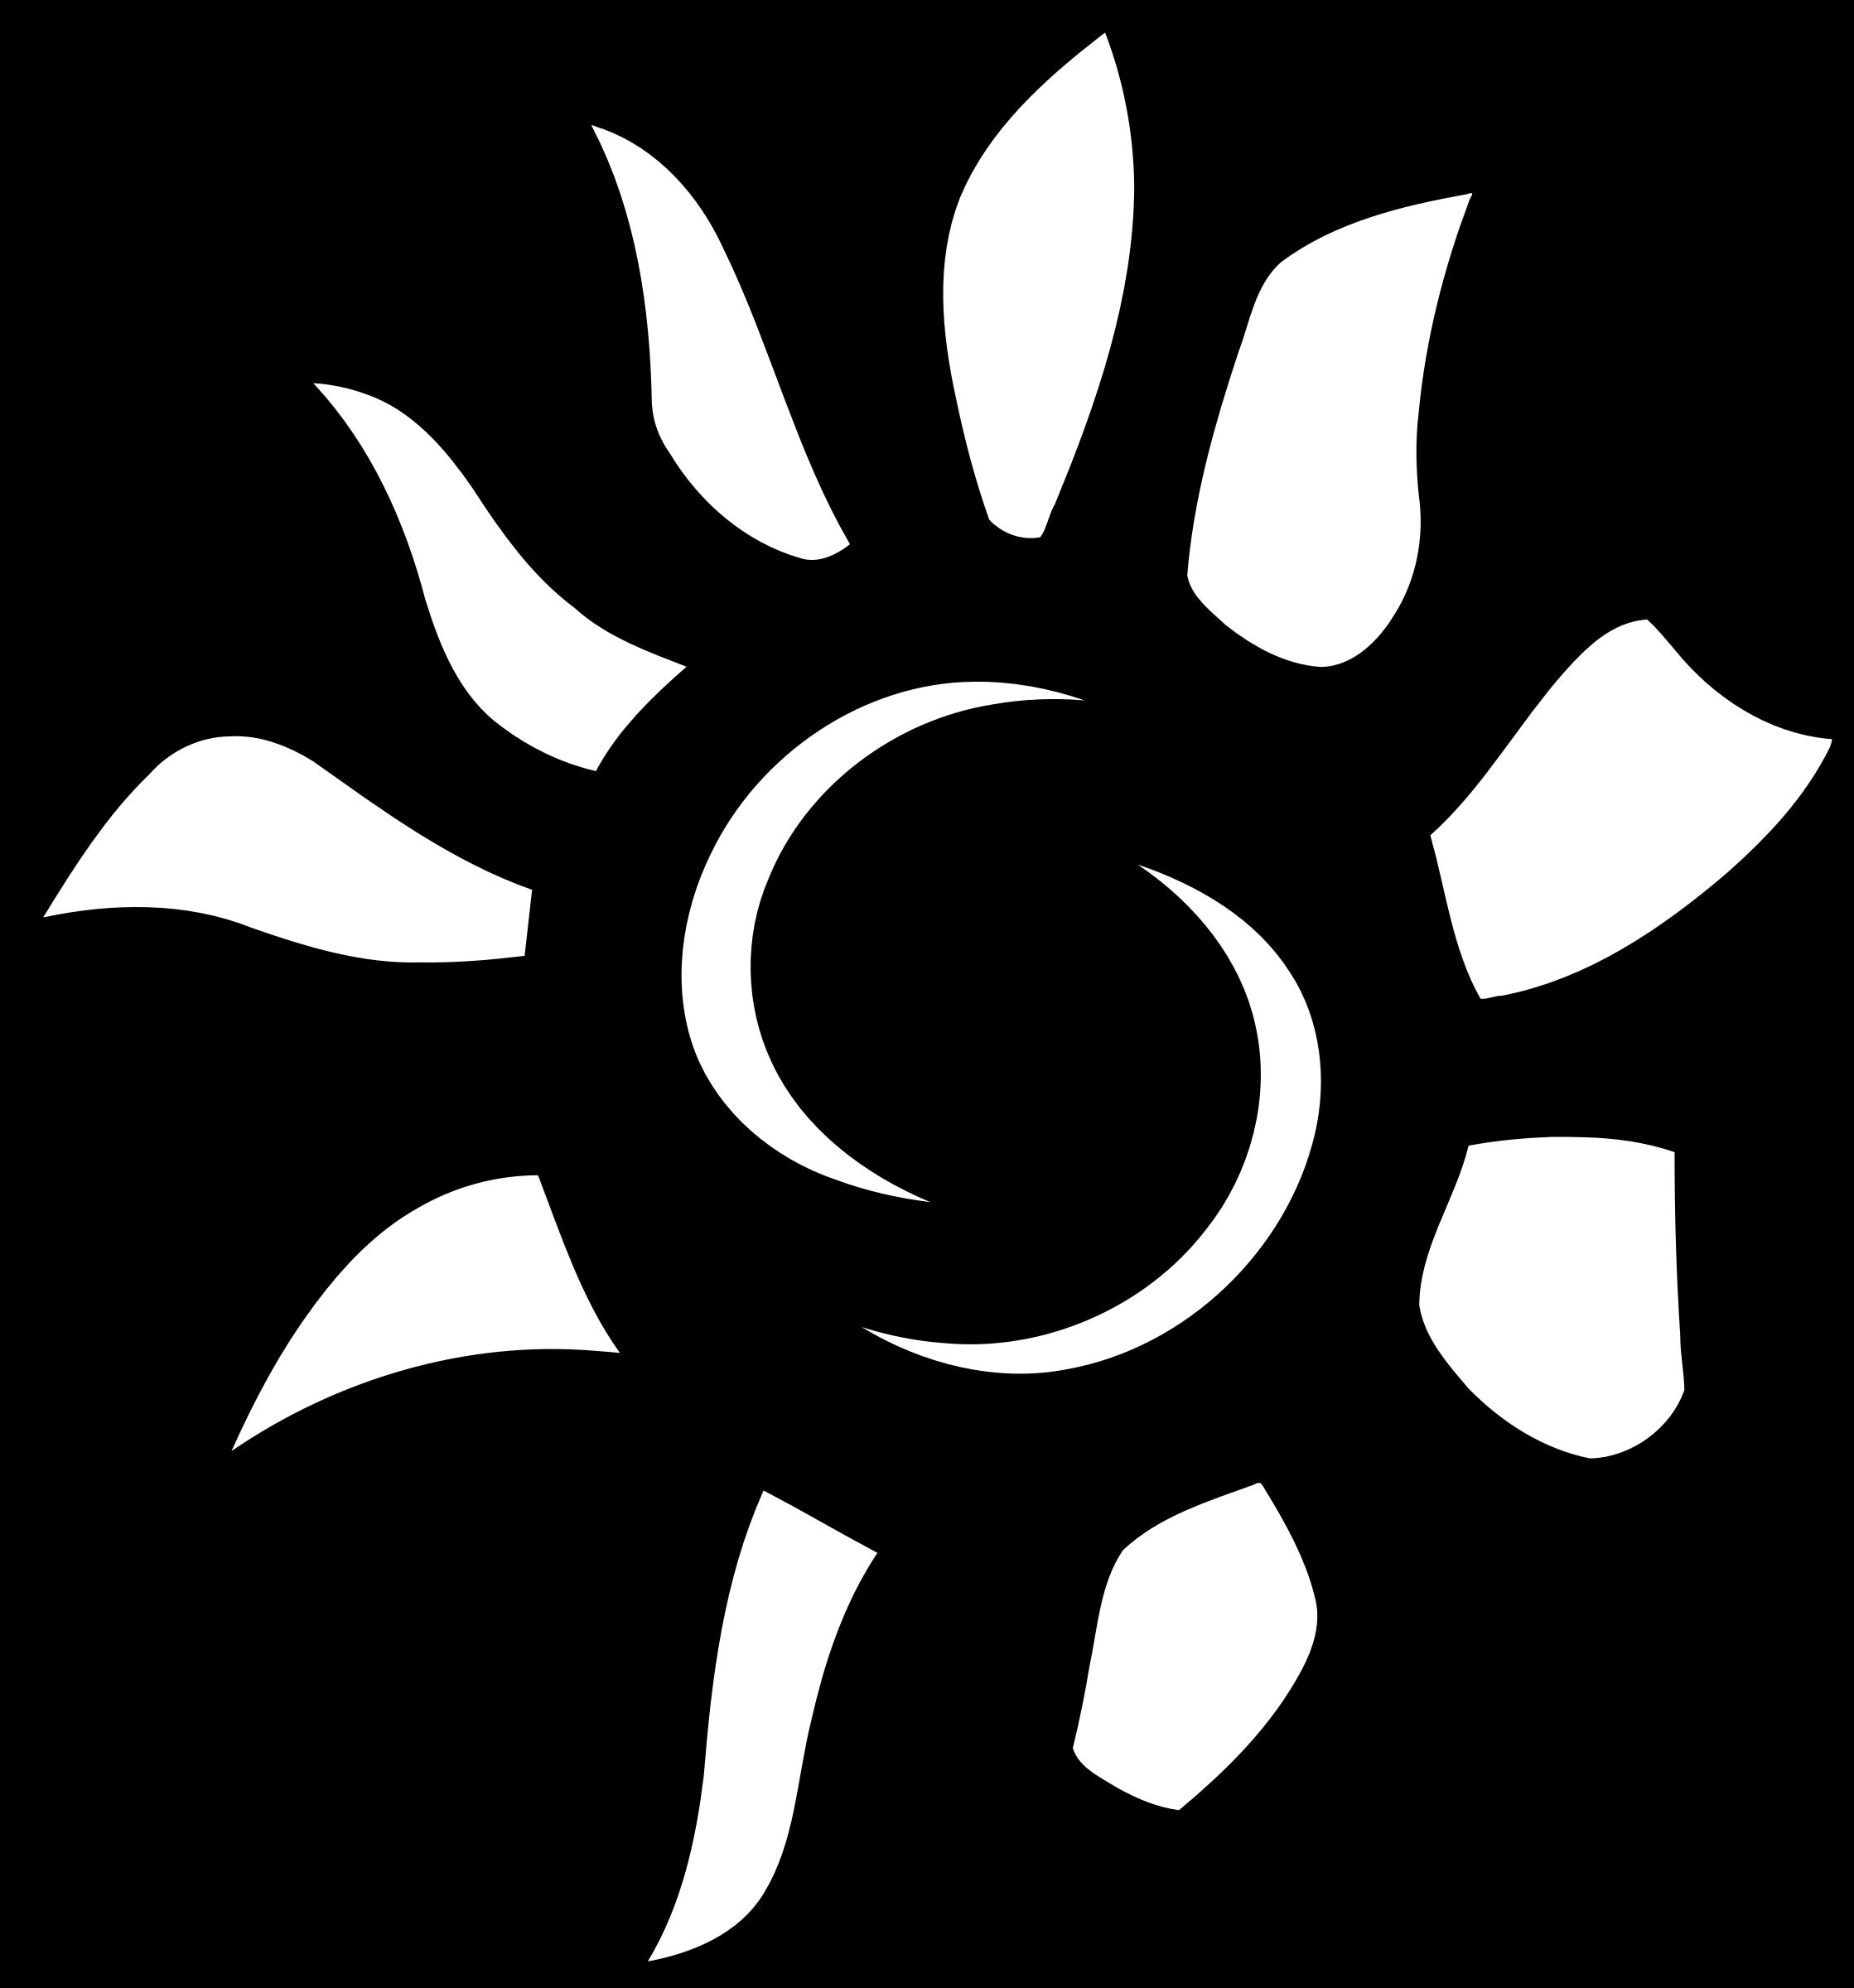 Clipart book coloring. Sun icon big image